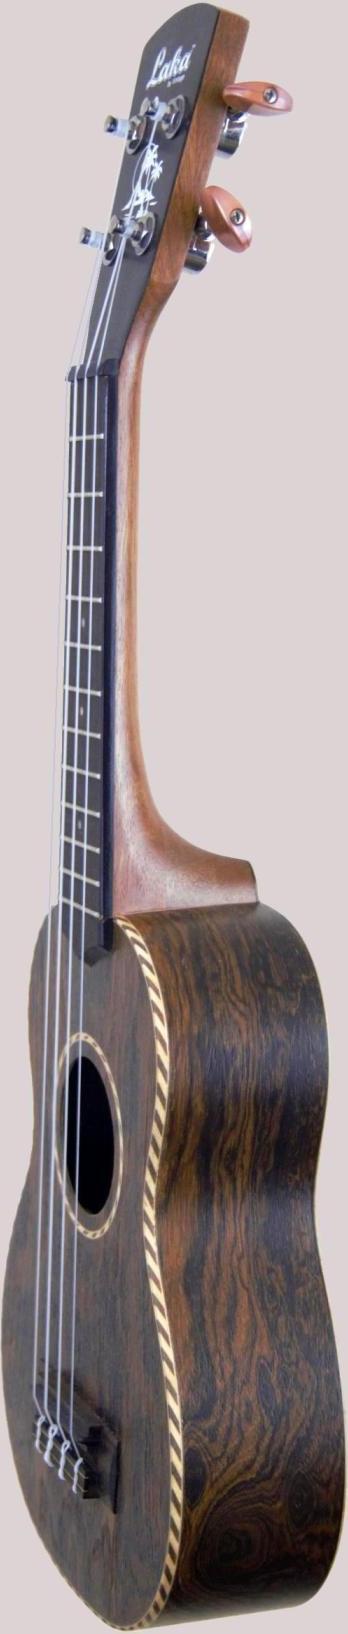 john hornby skewers butterfly wood soprano ukulele